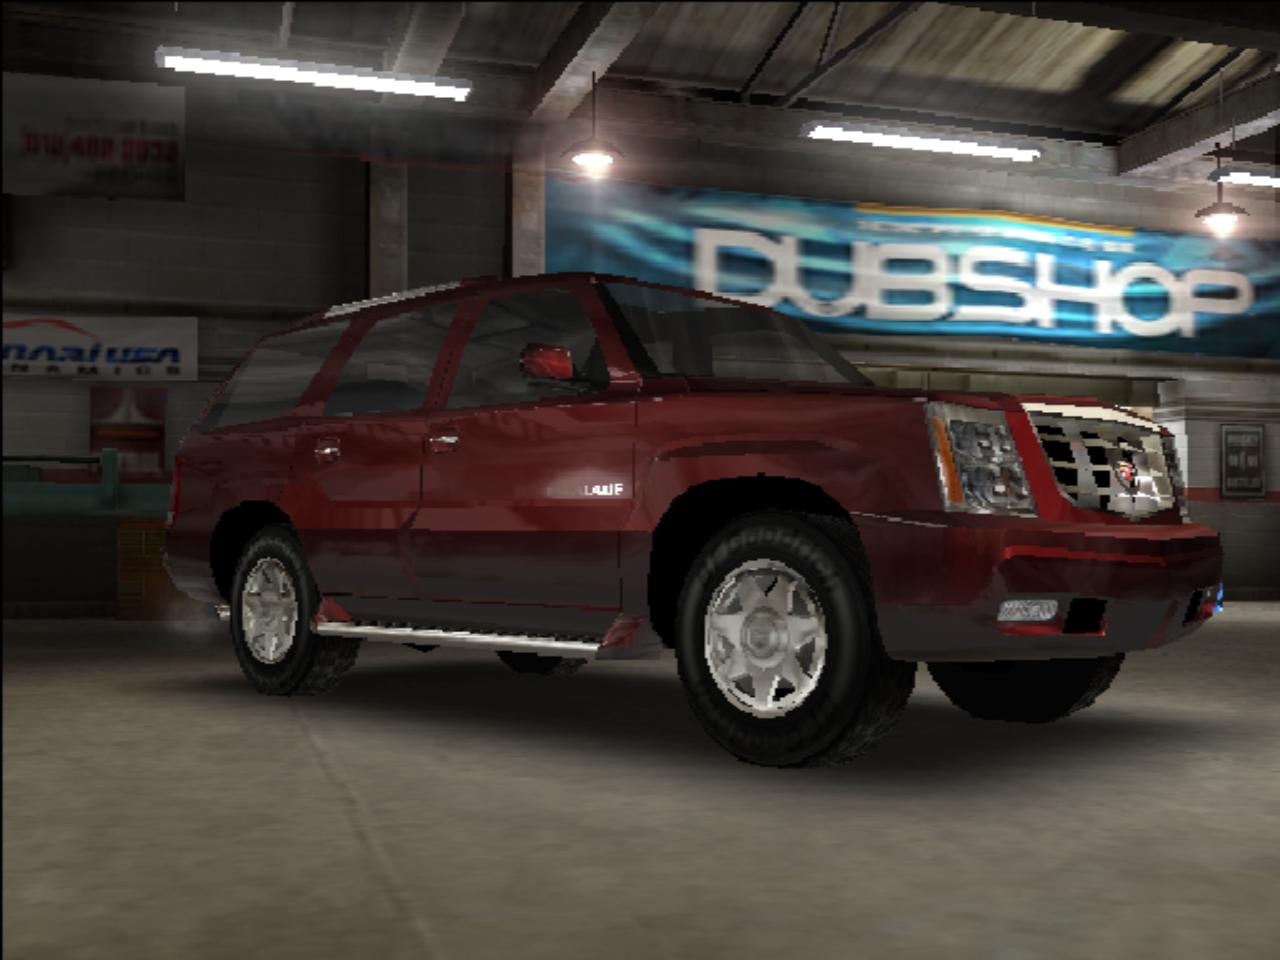 Cadillac Escalade | Midnight Club Wiki | FANDOM powered by ...